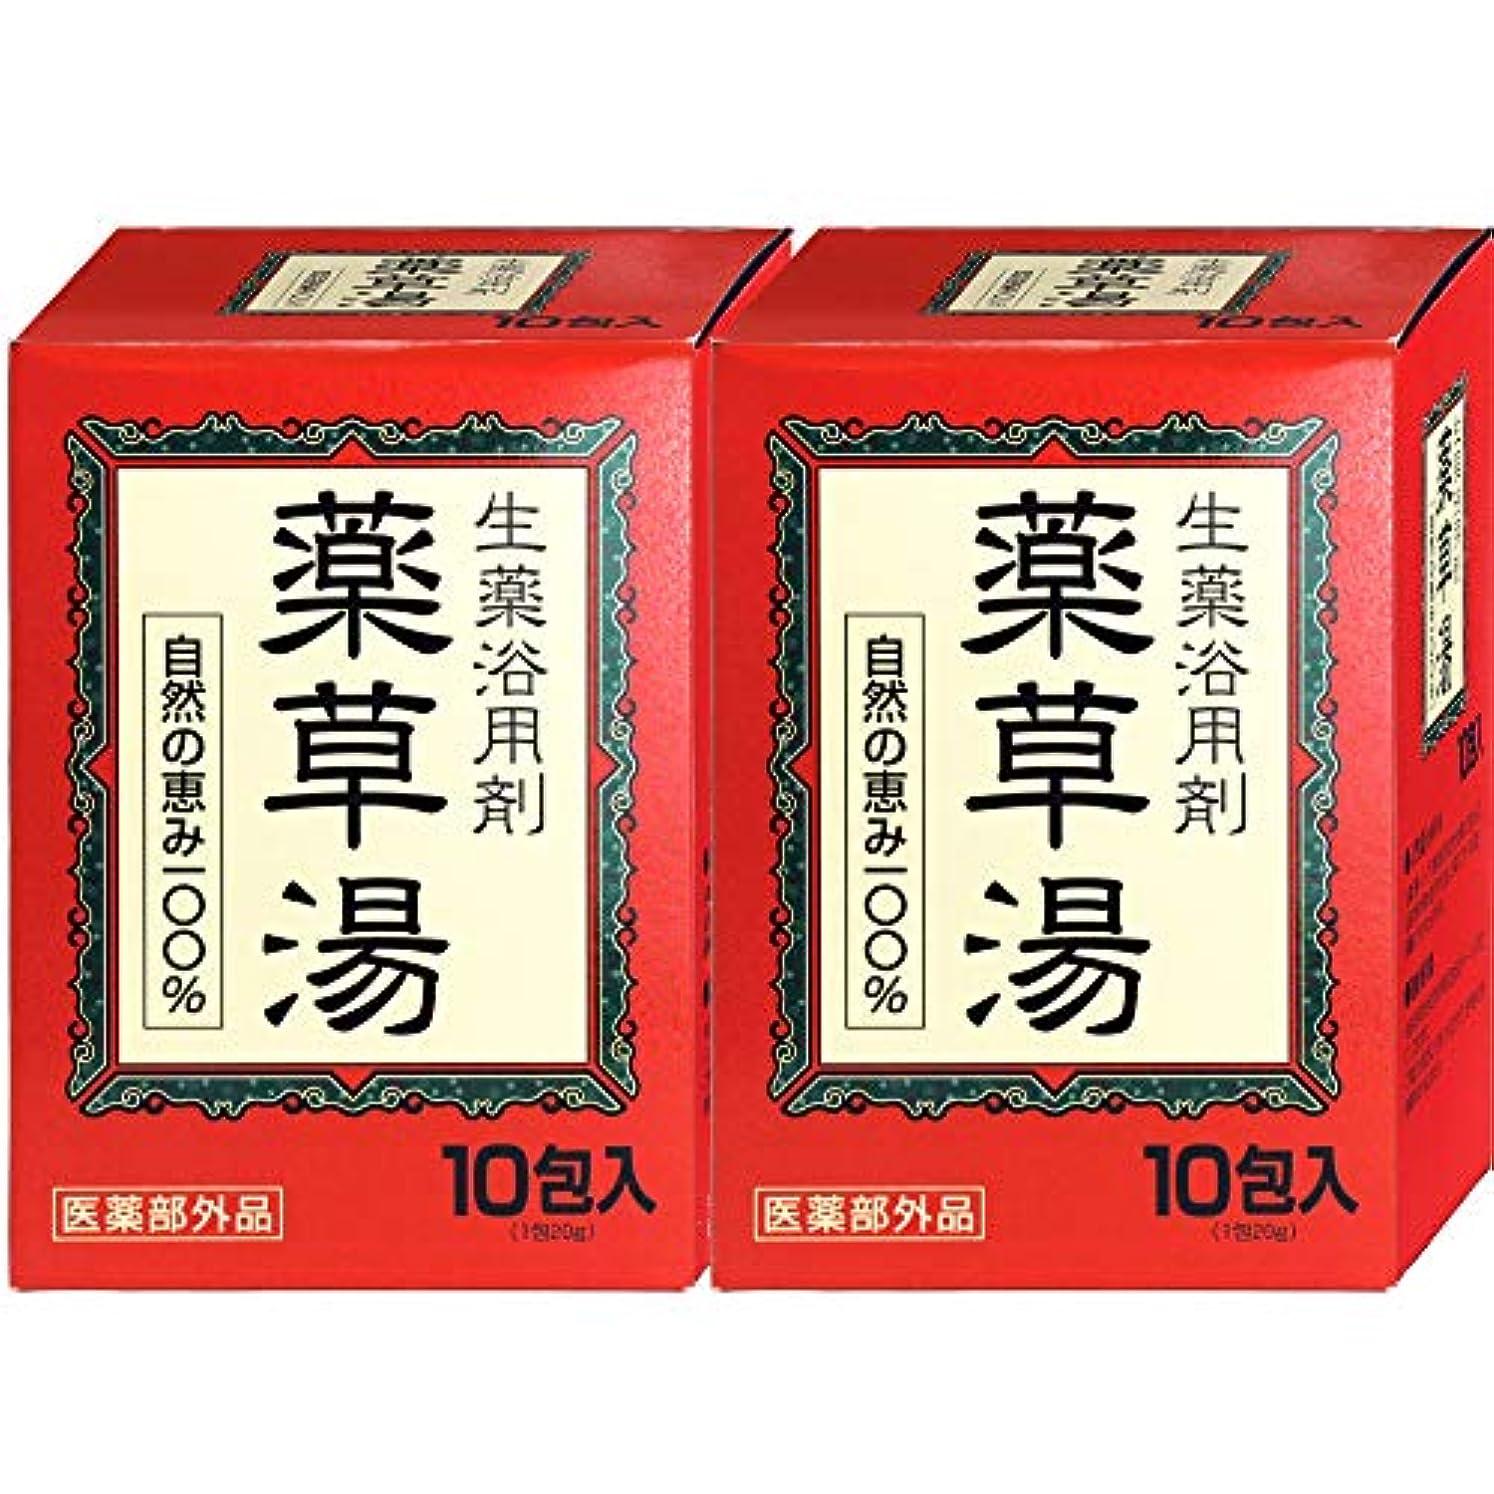 ショルダー絶対にグレー薬草湯 生薬浴用剤 10包入 【2個セット】自然の恵み100% 医薬部外品